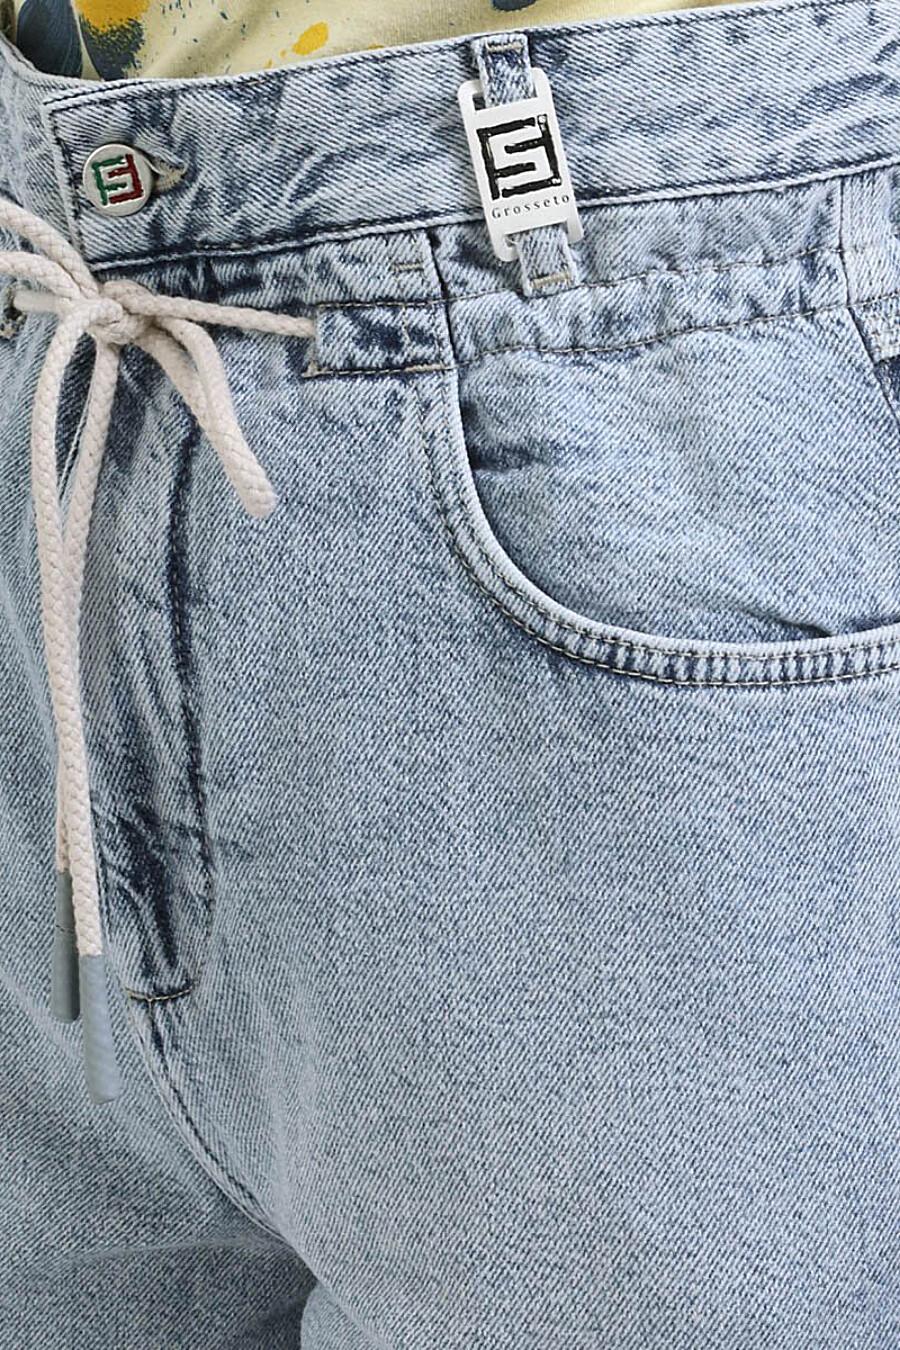 Джинсы для женщин F5 184853 купить оптом от производителя. Совместная покупка женской одежды в OptMoyo